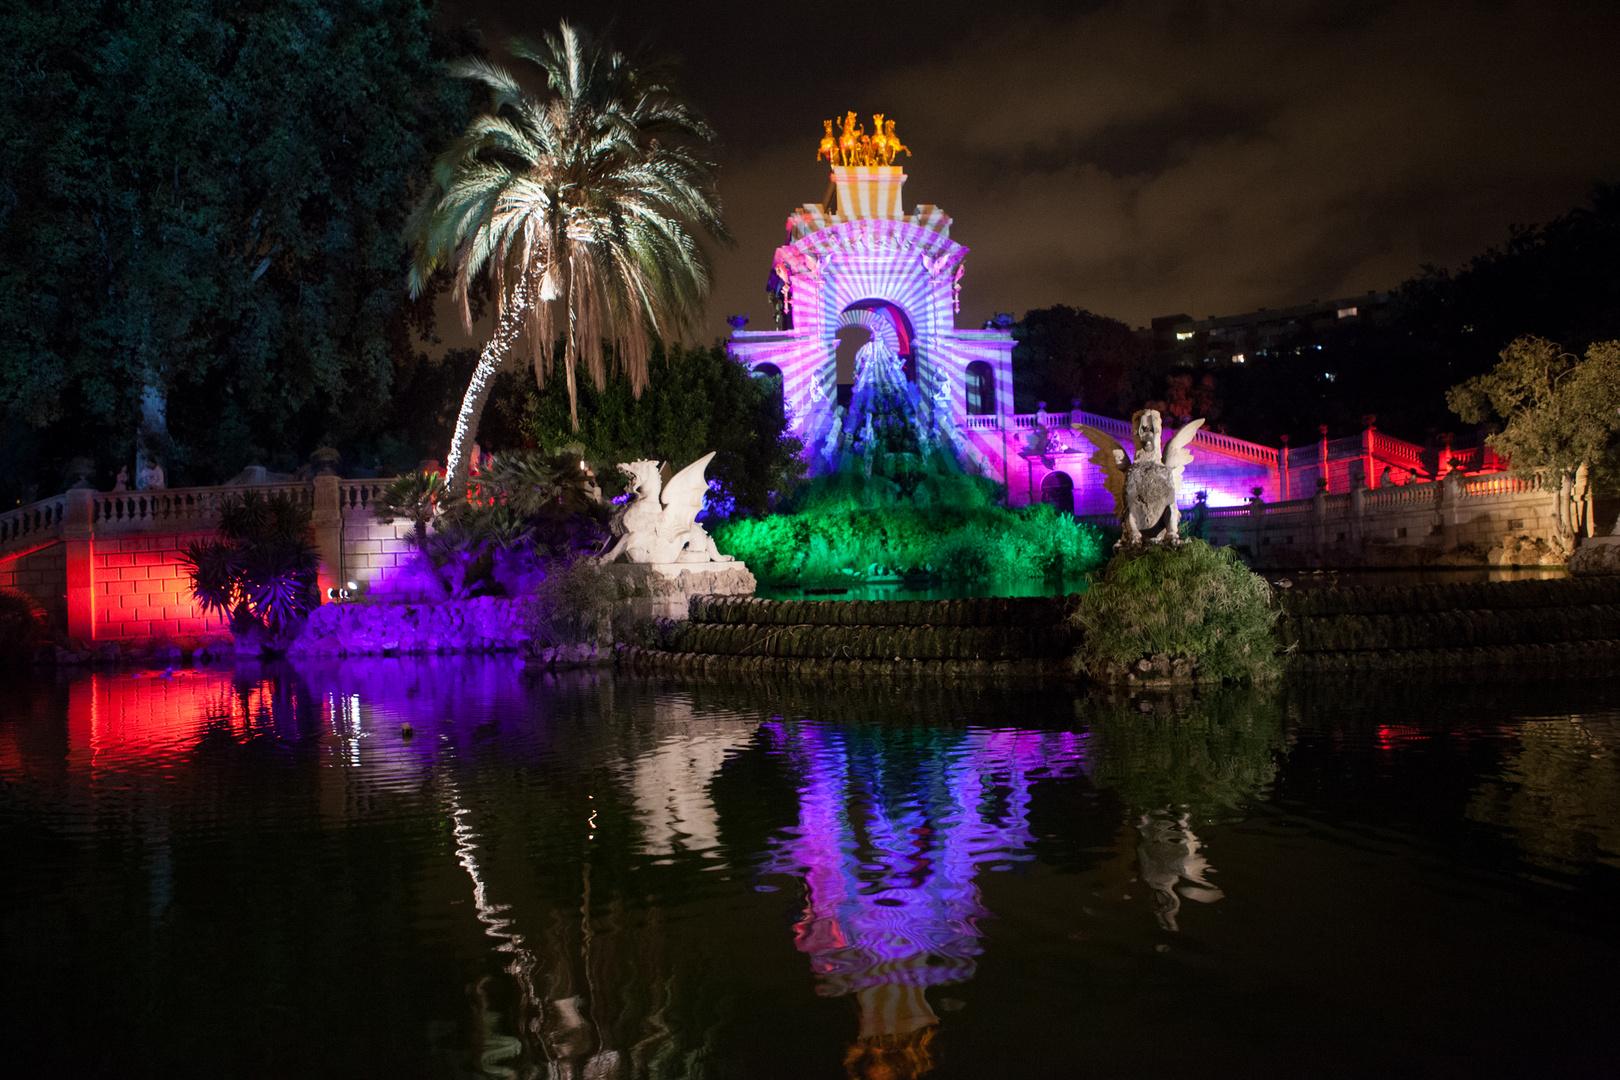 Llums en l'estany de la Ciutadella